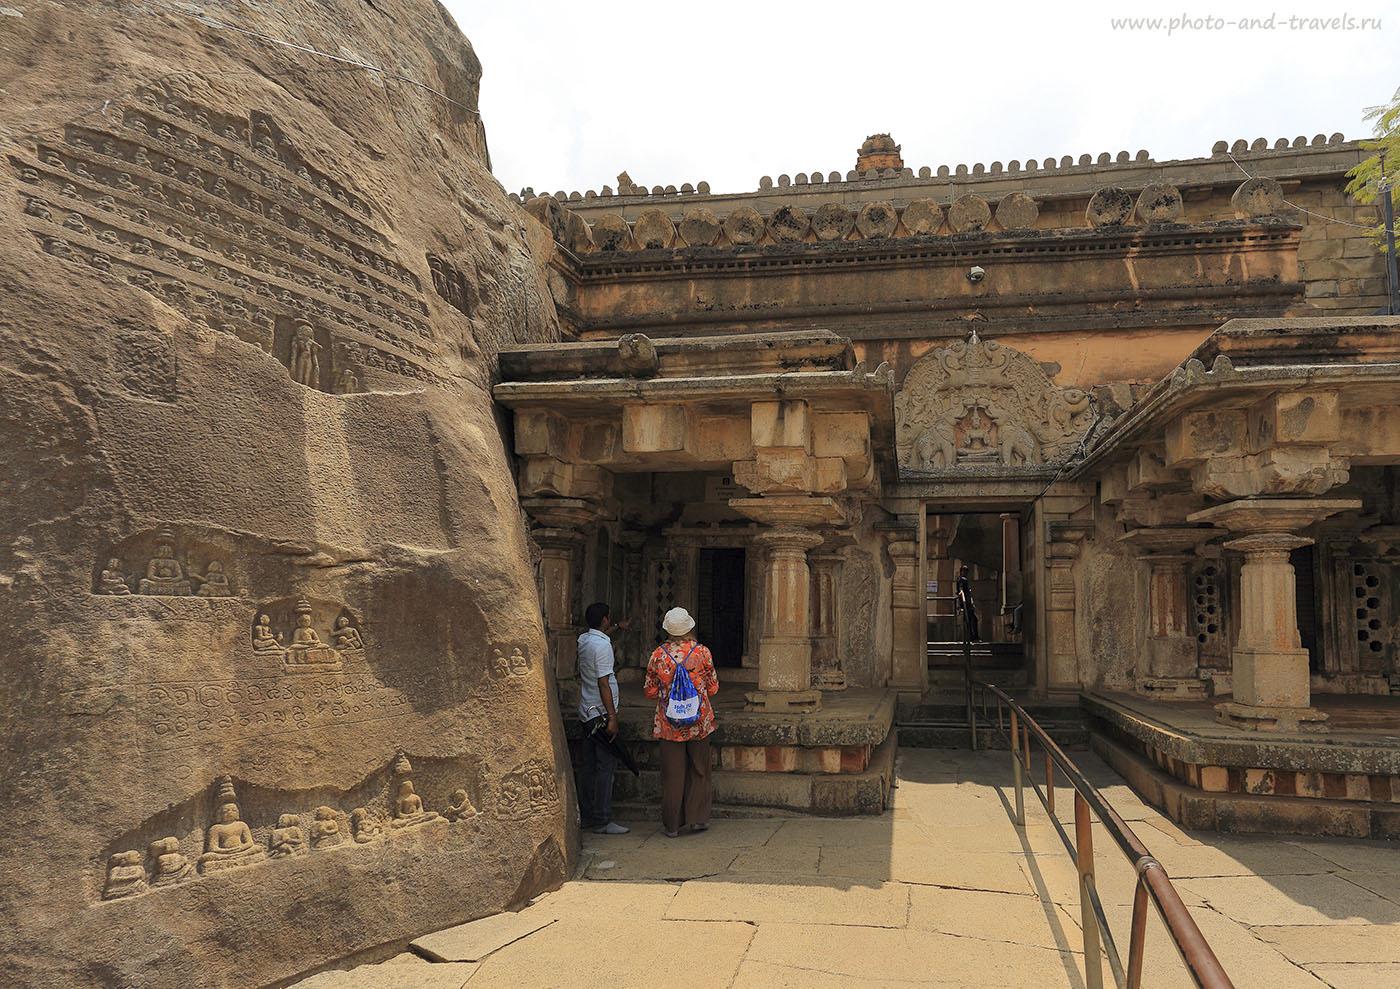 Фотография 21. Храм и святилища на холме Виндьягири (Vindhyagiri Hill) в индийском городе Шраванабелагола в Карнатаке. 1/125, -1.0, 7.1, 100, 17. Фотоаппарат CanonEOS 6D. Объектив Canon 17-40/4.